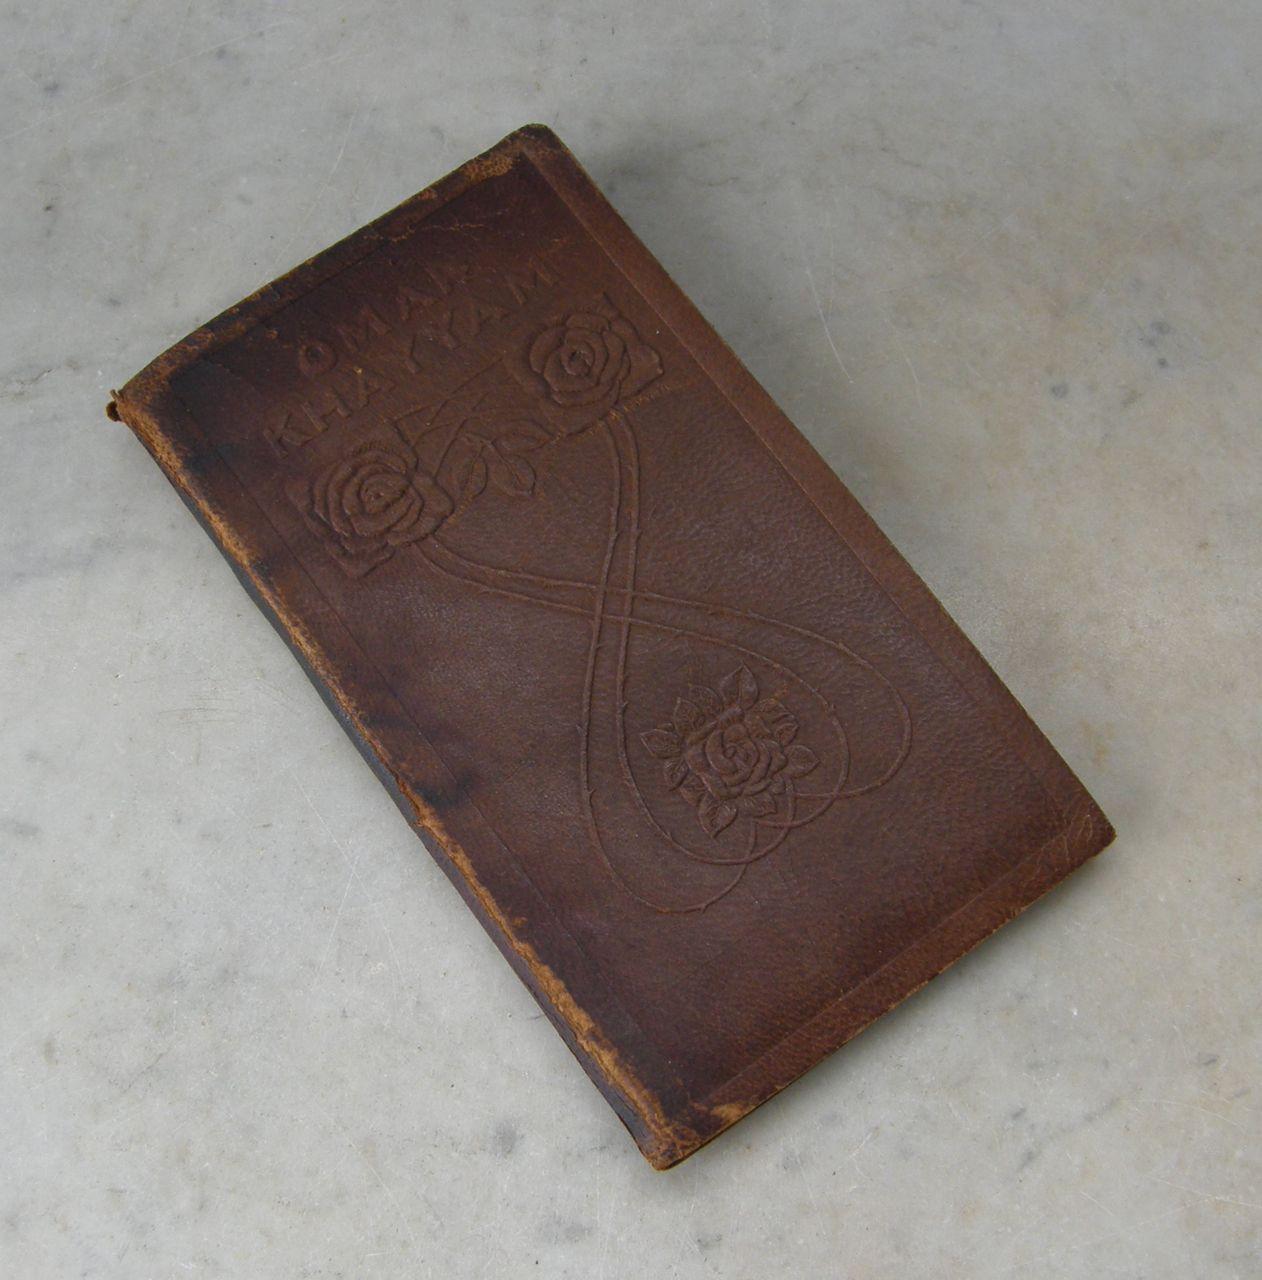 RUBAIYAT of OMAR KHAYYAM Book Brown Leather Embossed Cover George ...